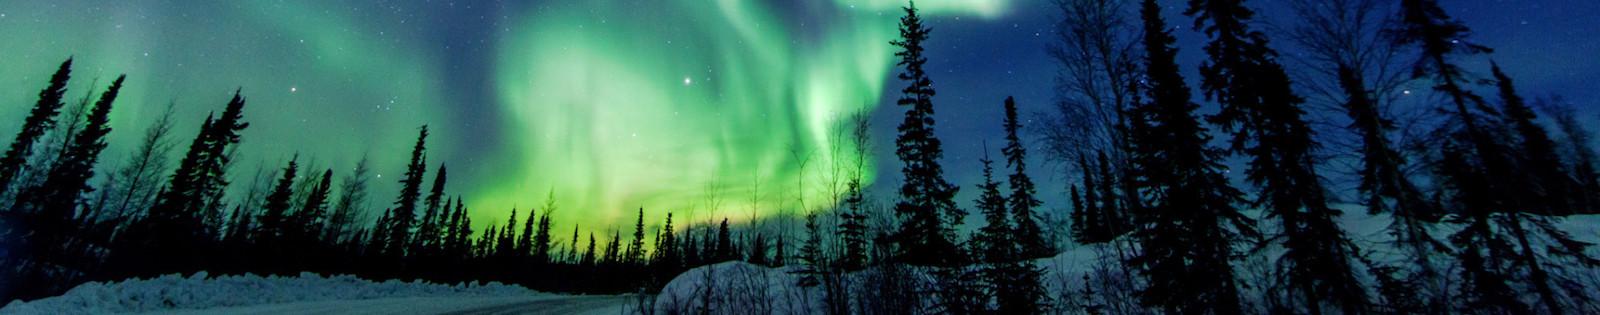 ¿Cómo ver la Aurora Boreal?